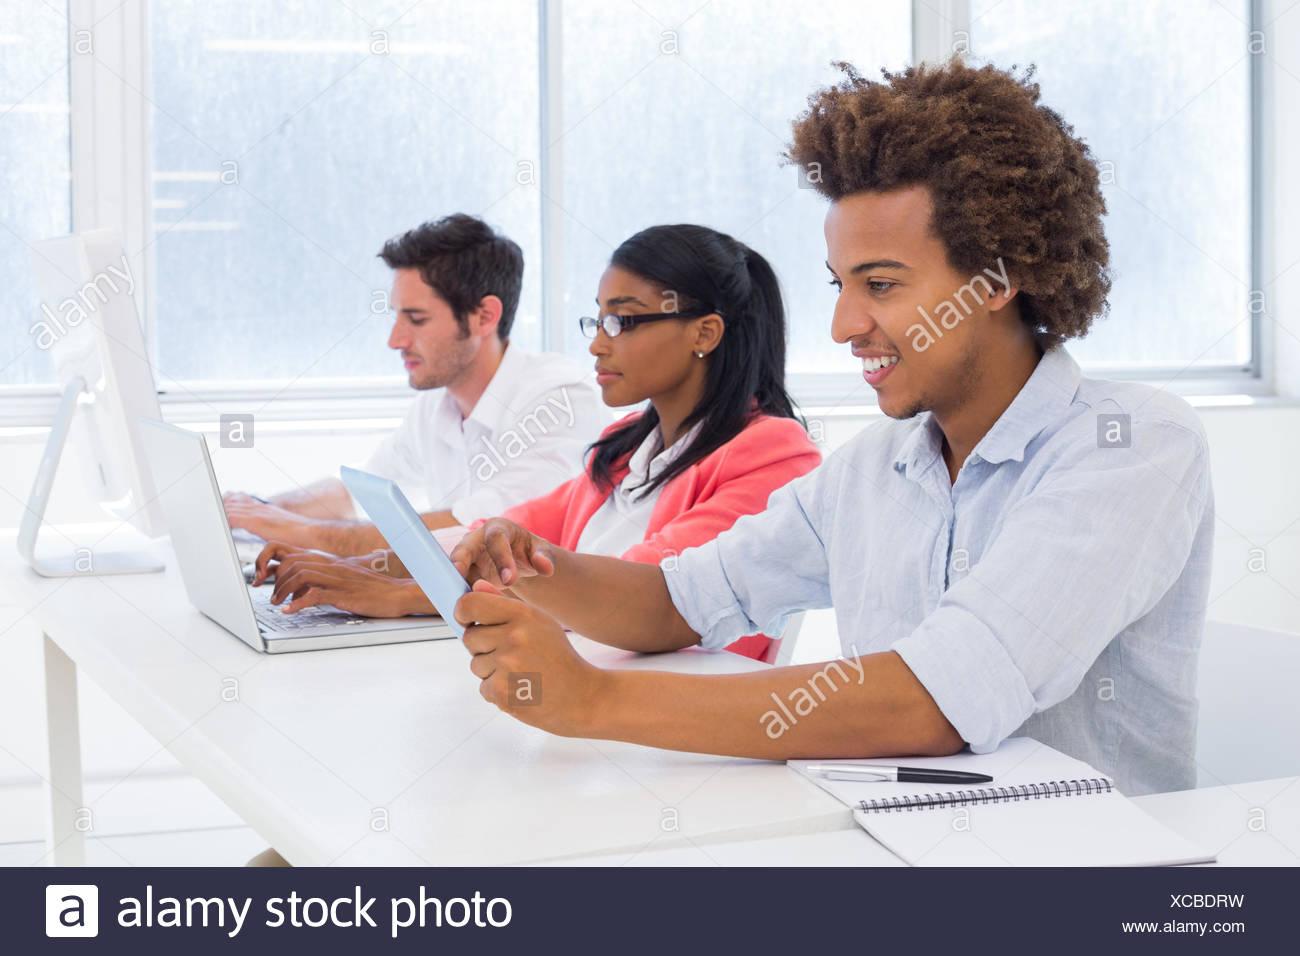 La gente de negocios a trabajar duro Imagen De Stock